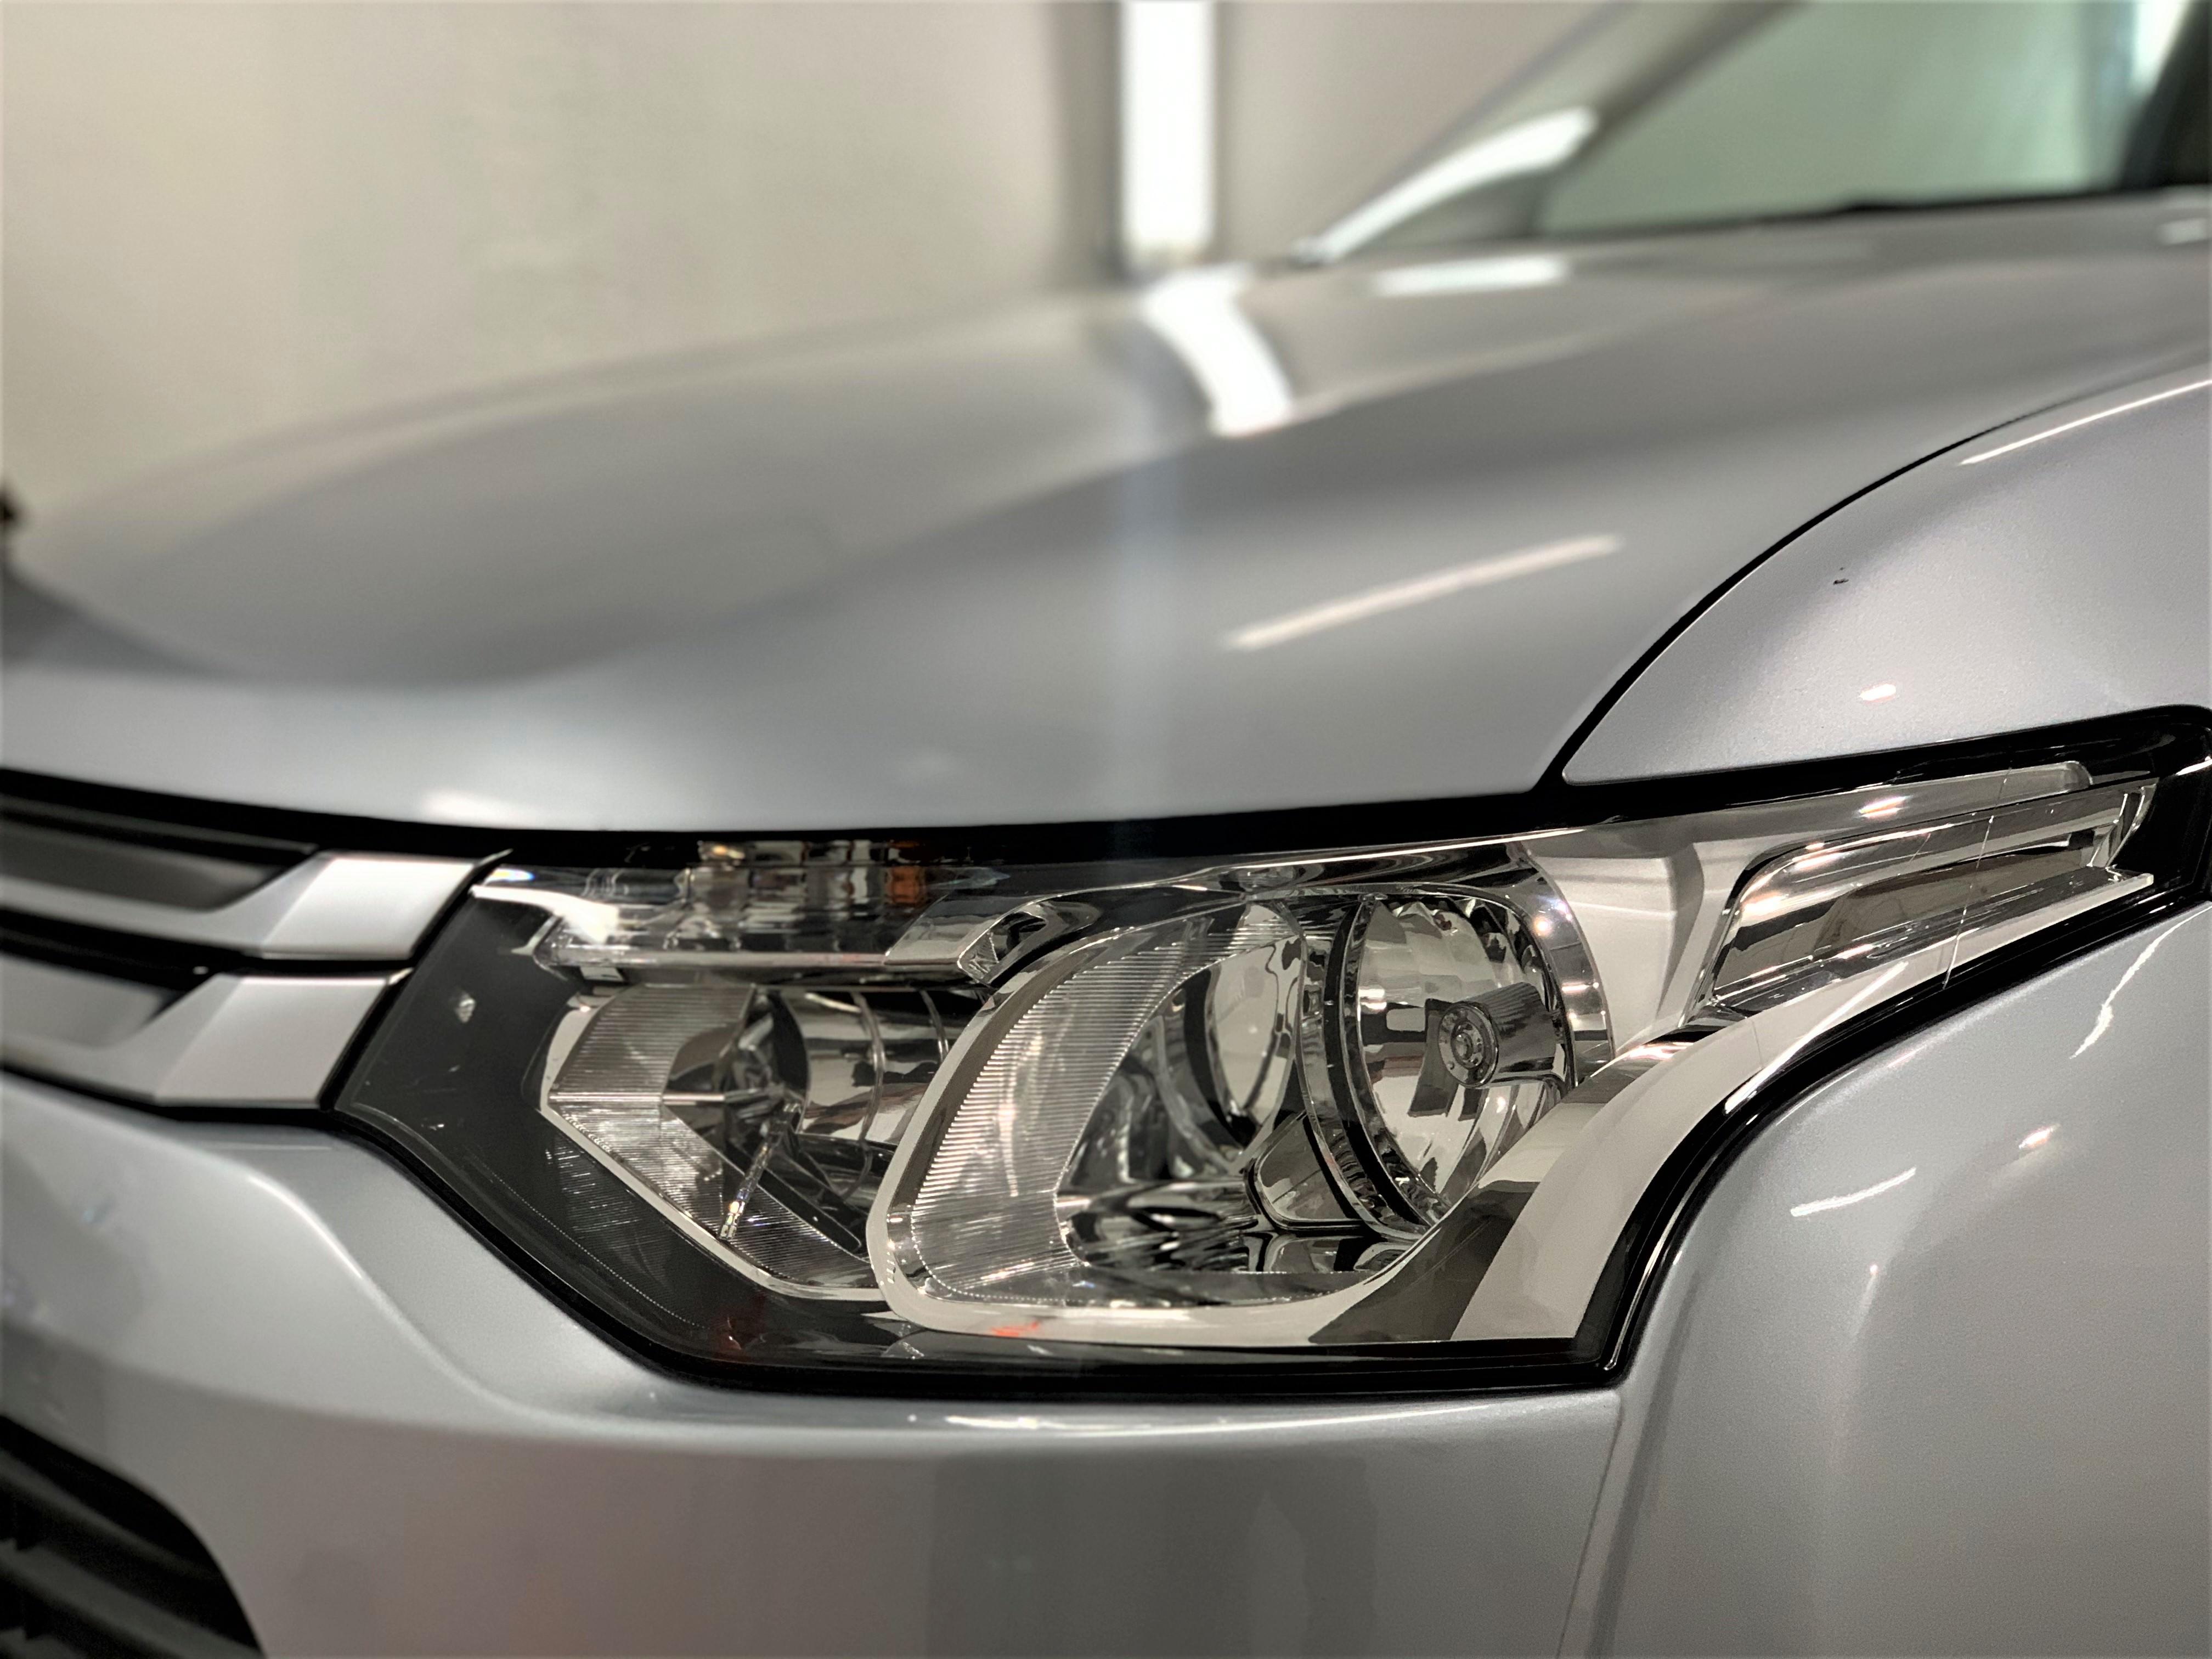 Mitsubishi Outlander priekšējais lukturis pēc virsbūves pulēšanas un keramiskā pārklājuma uzklāšanas